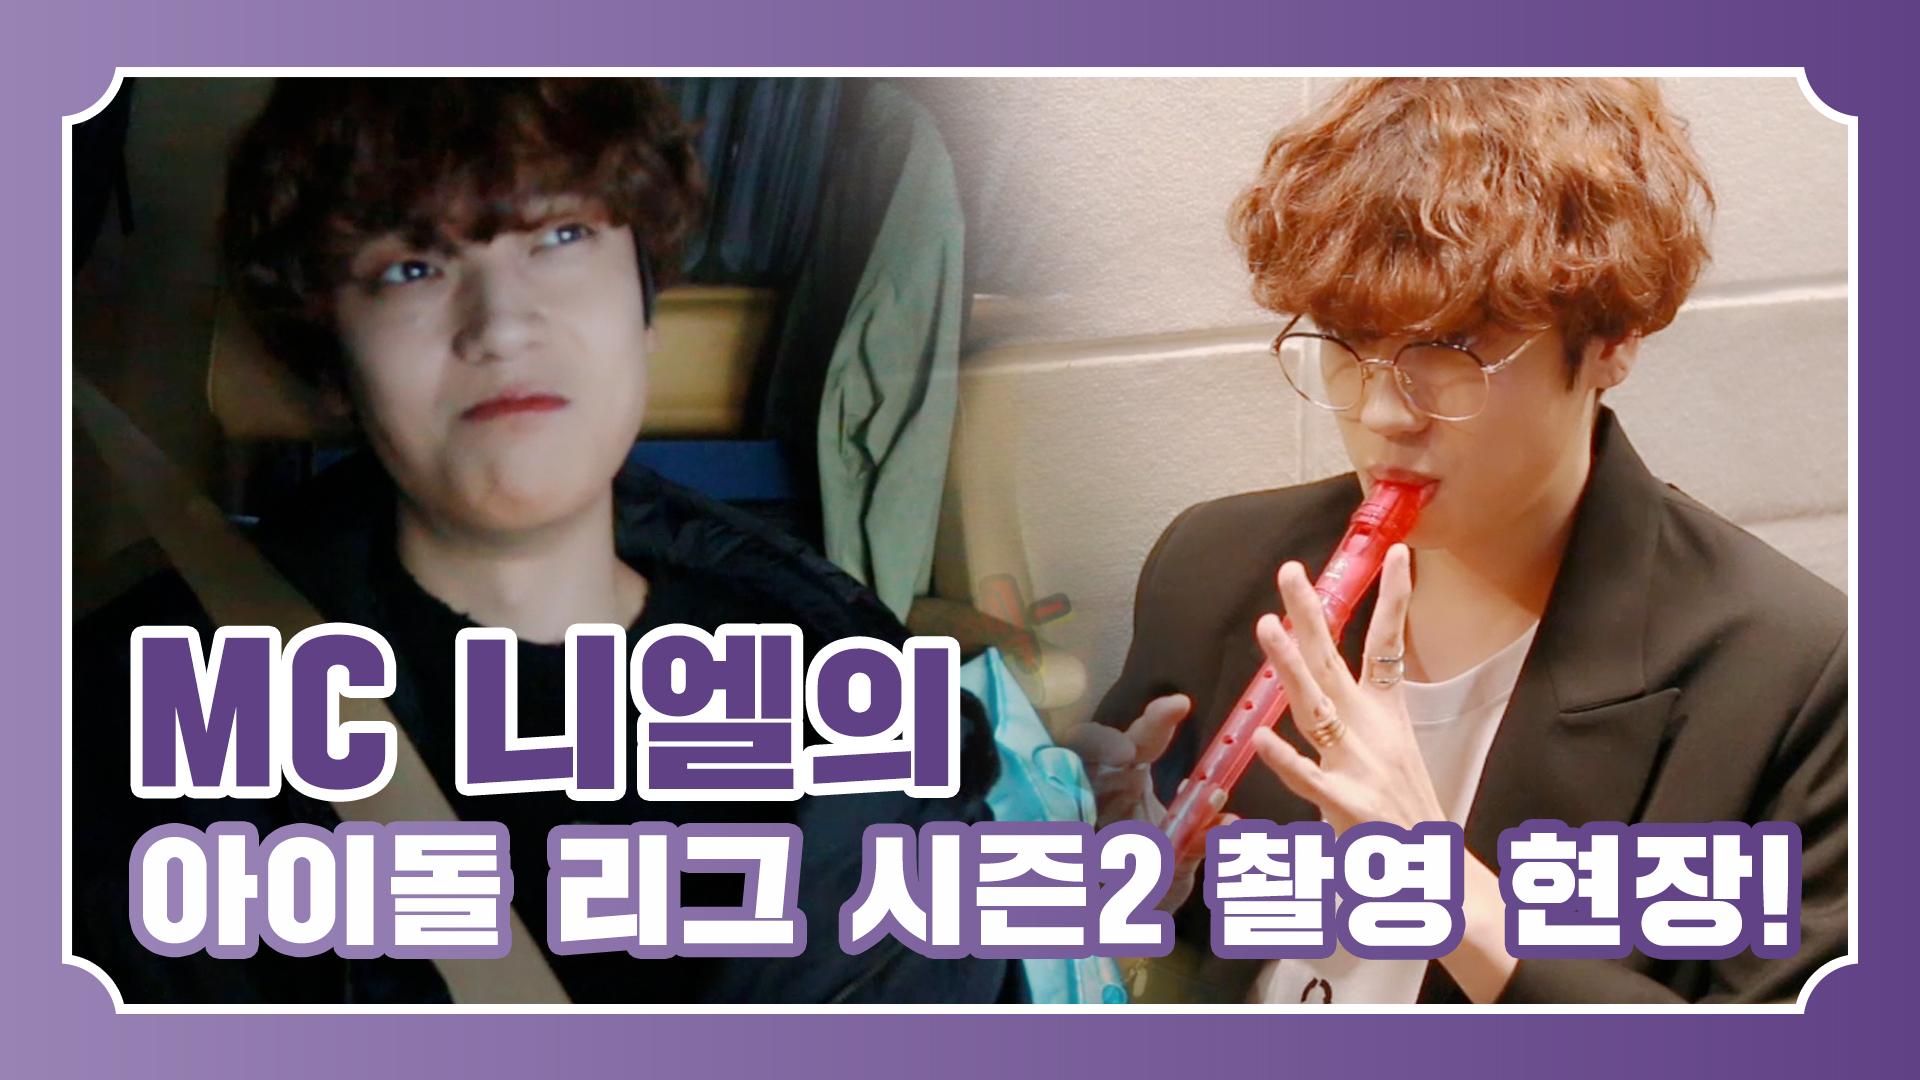 TEEN TOP ON AIR - MC 니엘의 아이돌 리그 시즌2 촬영 현장!